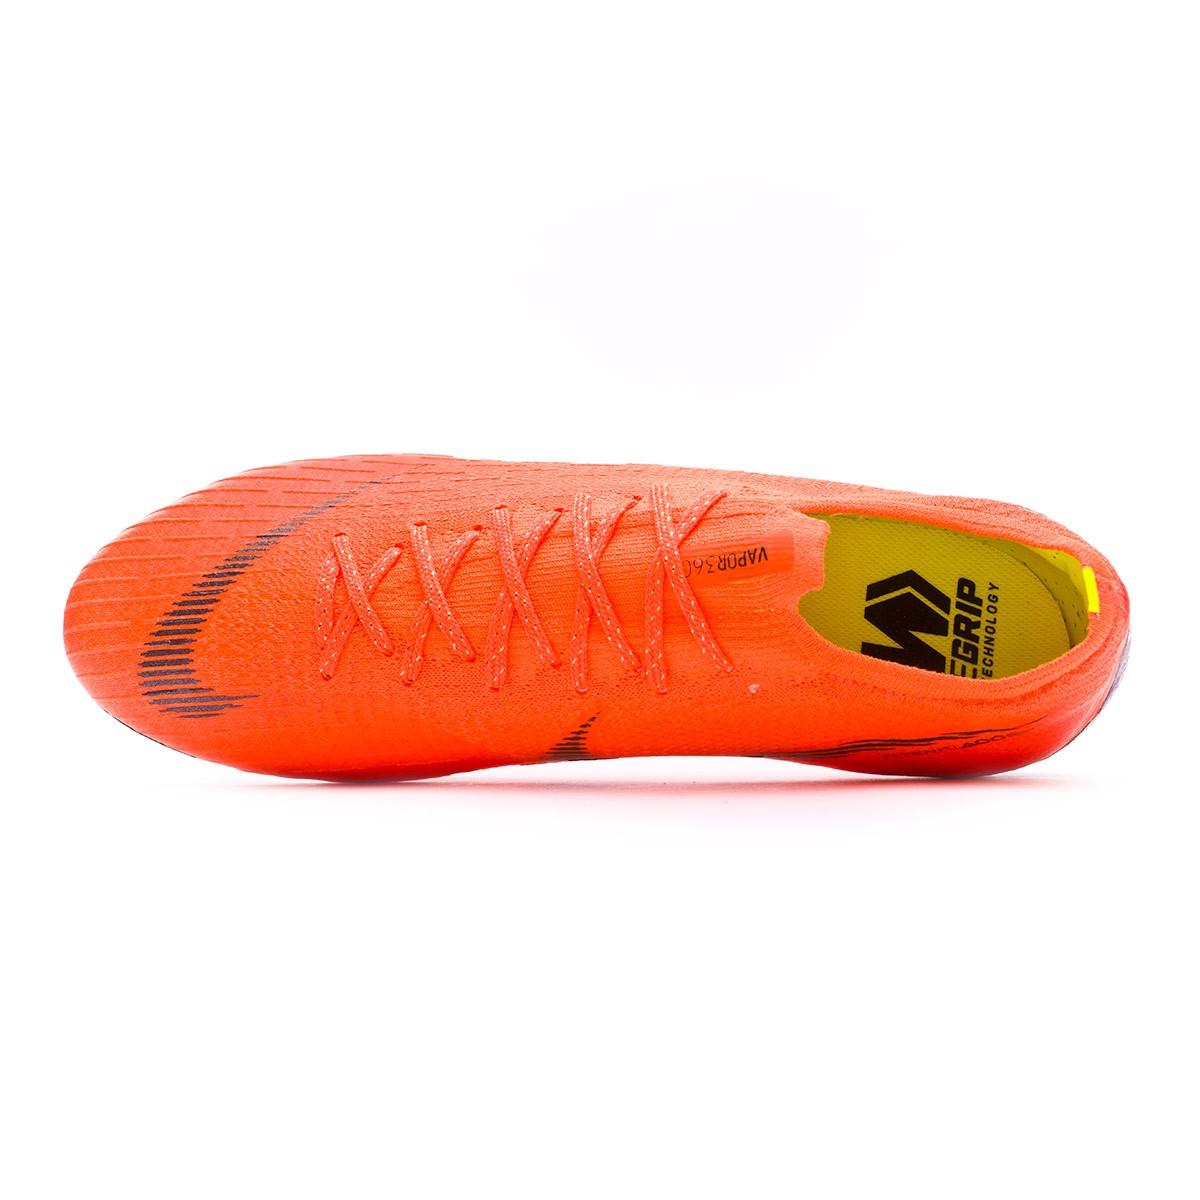 55f926165b1 Bota de fútbol Nike Mercurial Vapor XII Elite FG Total orange-Black-Volt -  Tienda de fútbol Fútbol Emotion